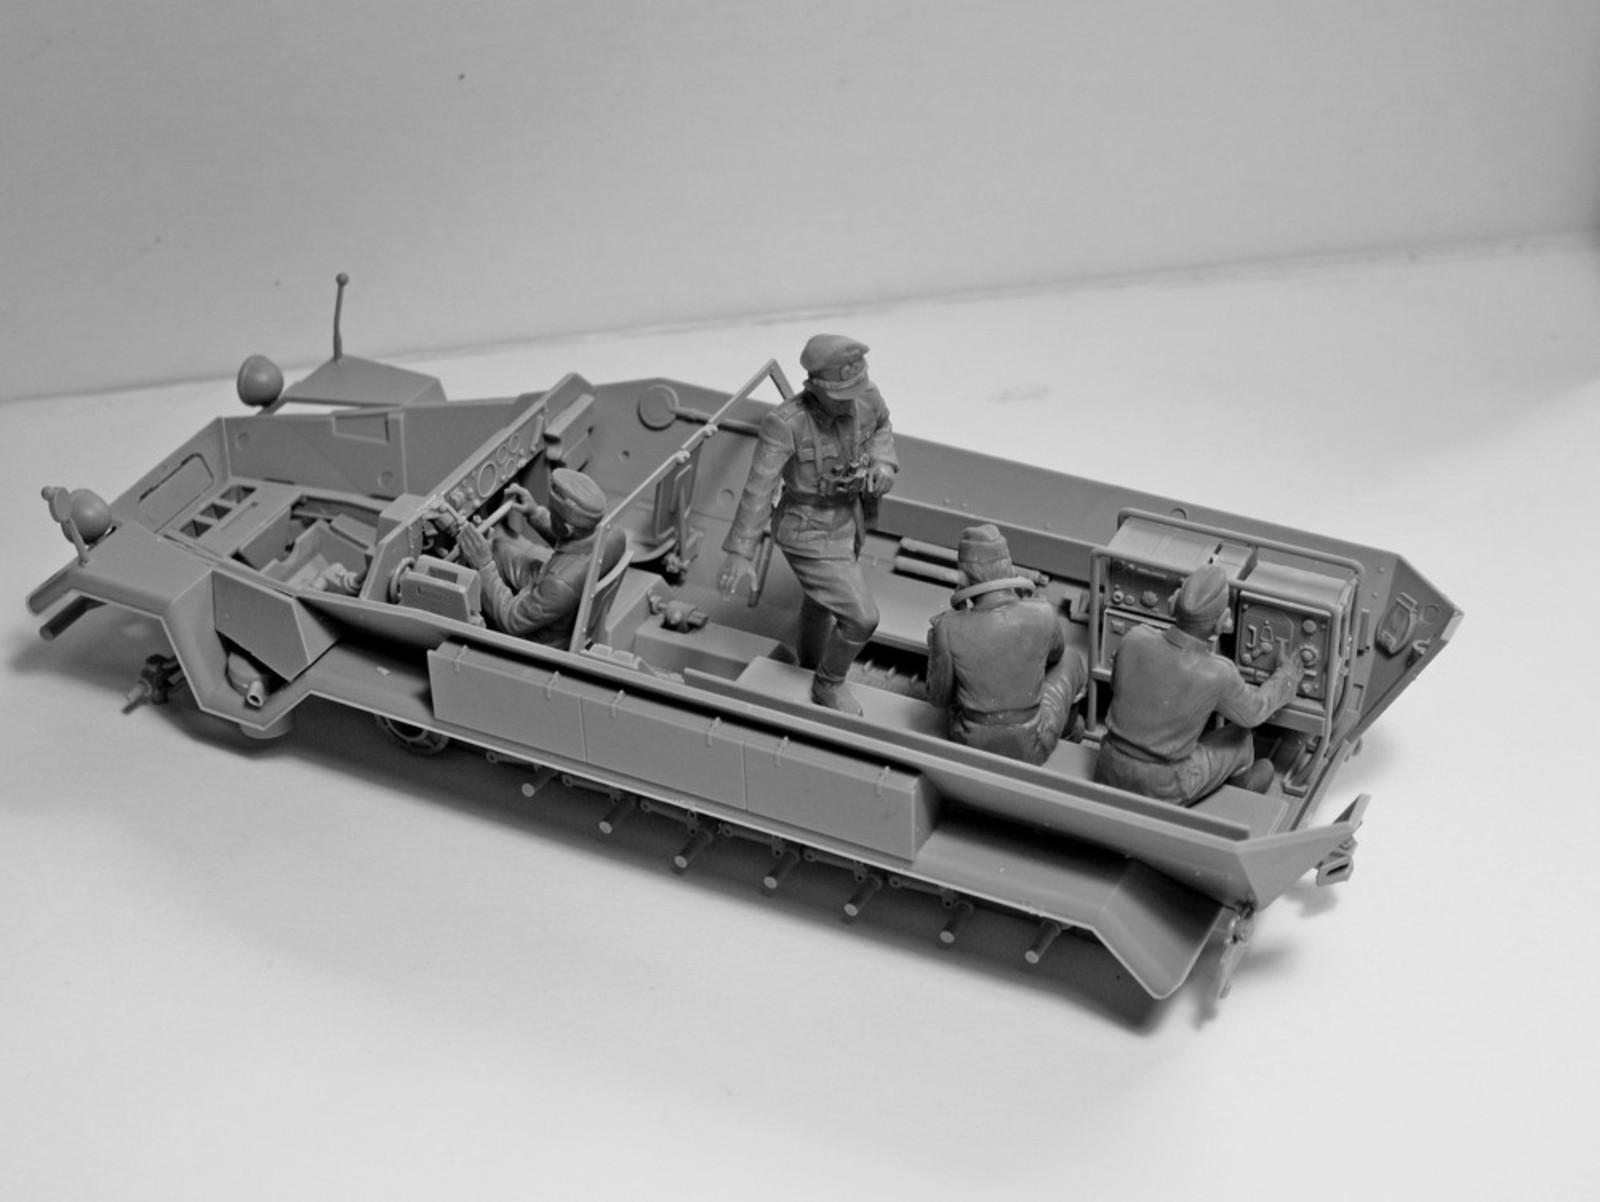 1/35 Германский экипаж командной машины (1939-1942 г.) #35644 / German Command Vehicle Crew (1939-1942) (4 figures) (100% new molds)